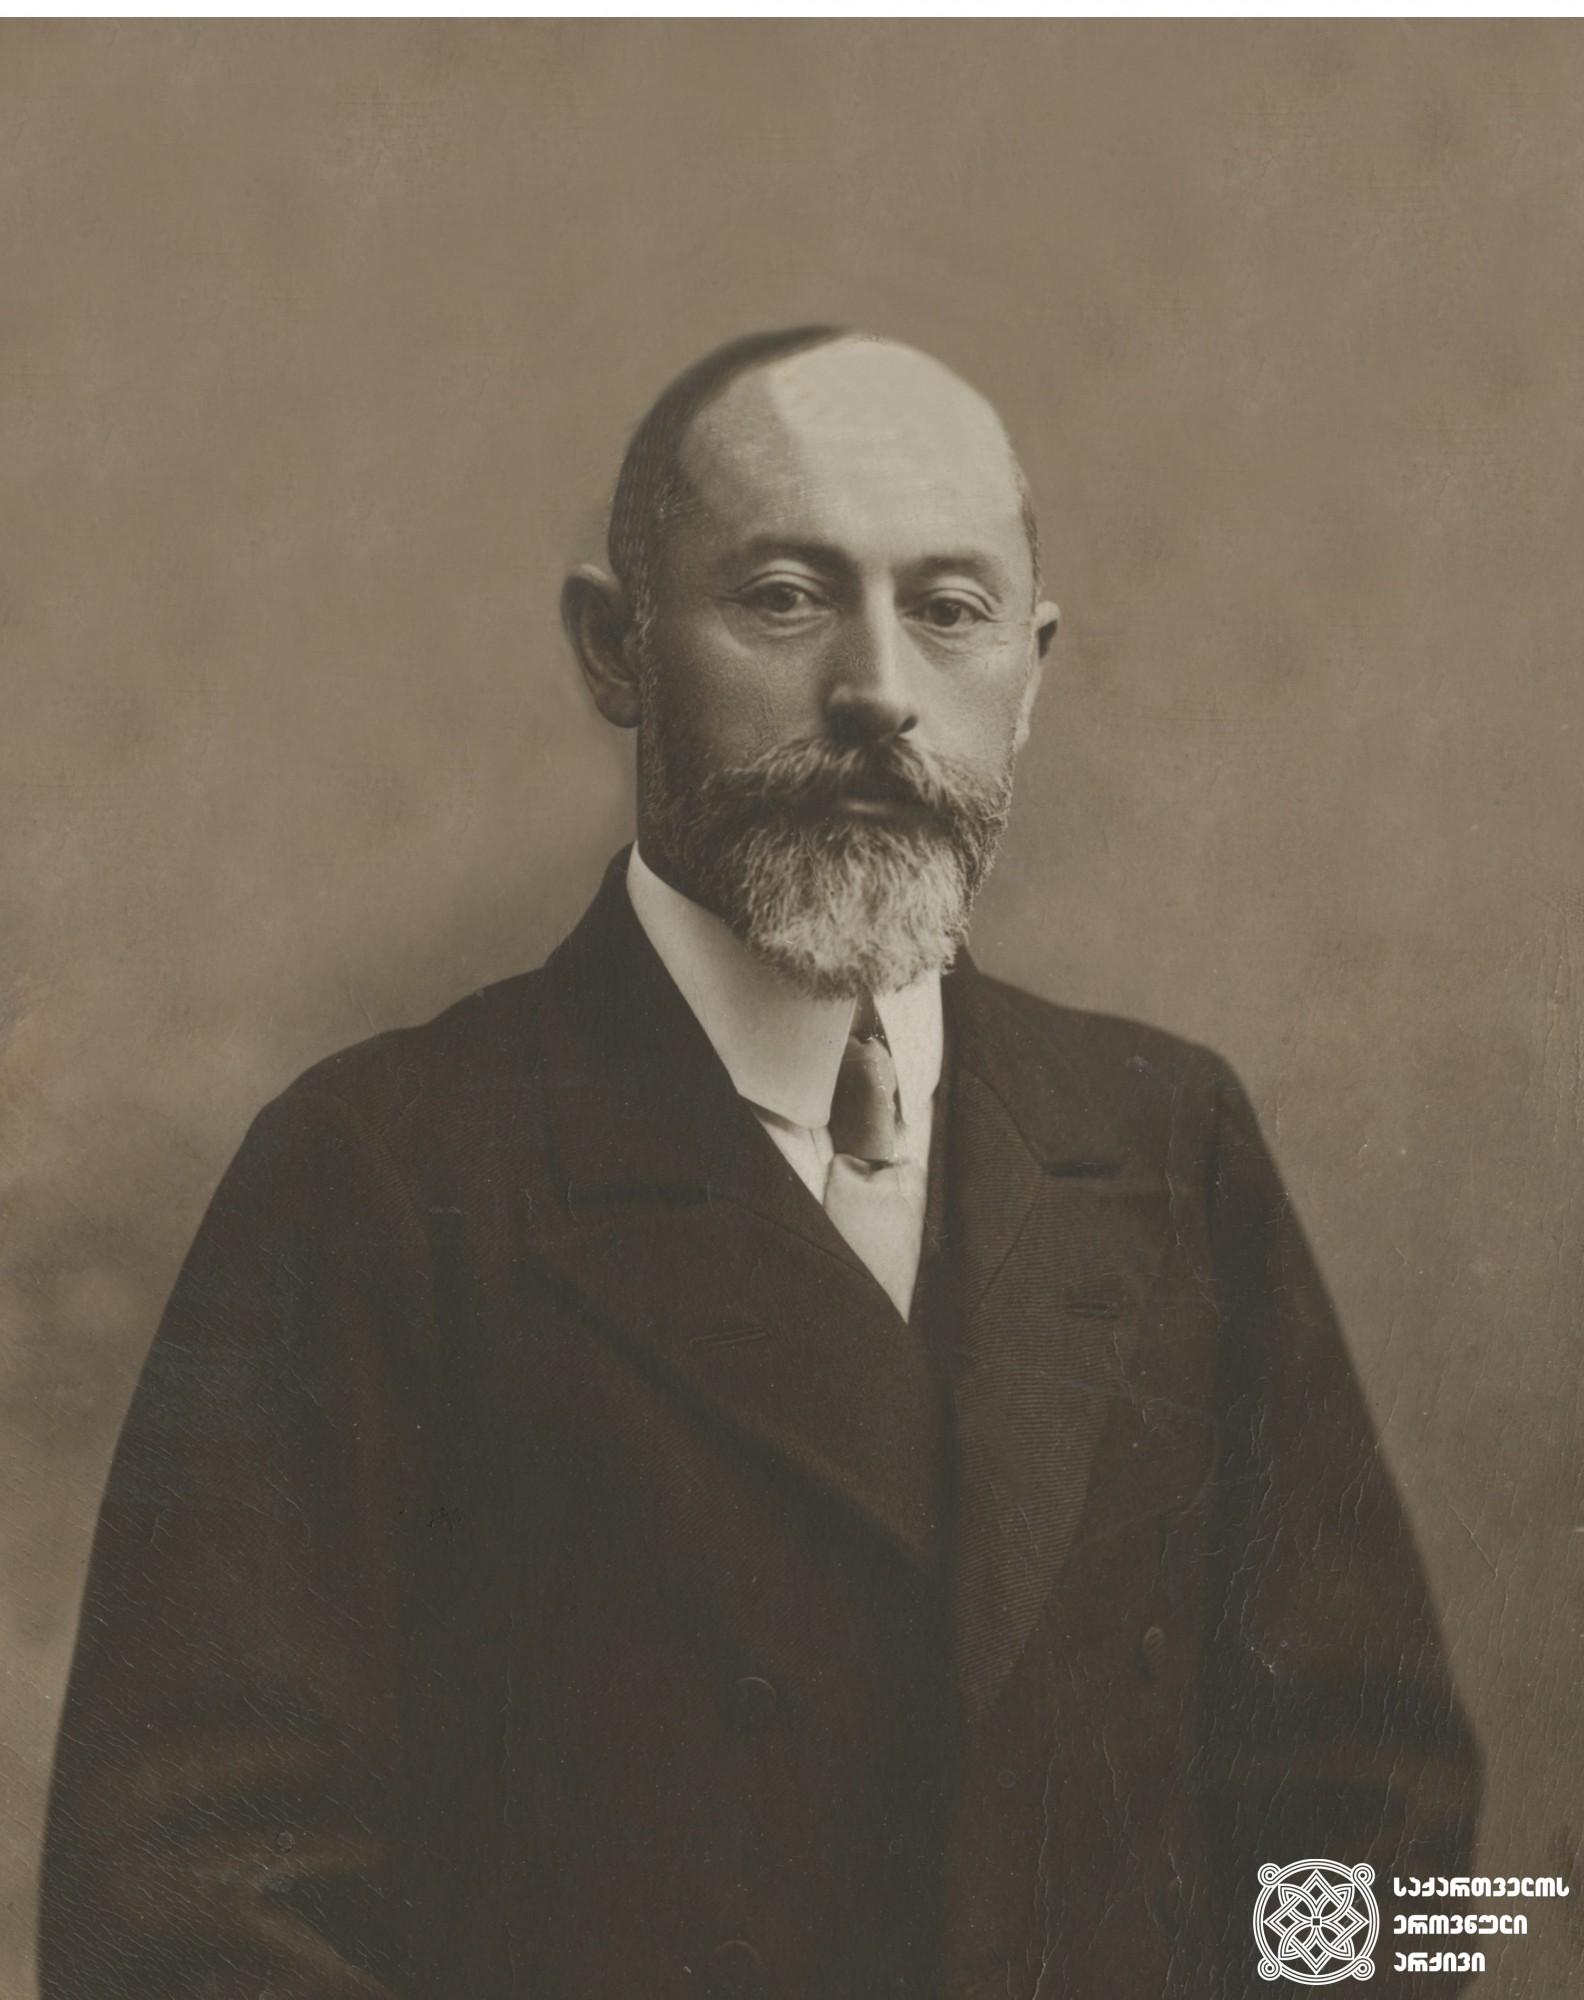 ამერიკავკასიის სეიმის წევრი, საქართველოს ეროვნული საბჭოს თავმჯდომარე  და ქართველ სოციალ-დემოკრატთა ლიდერი ნოე ჟორდანია. <br> Noe Zhordania, head of the National Council of Georgia, leader of the Georgian Social-Democrats.